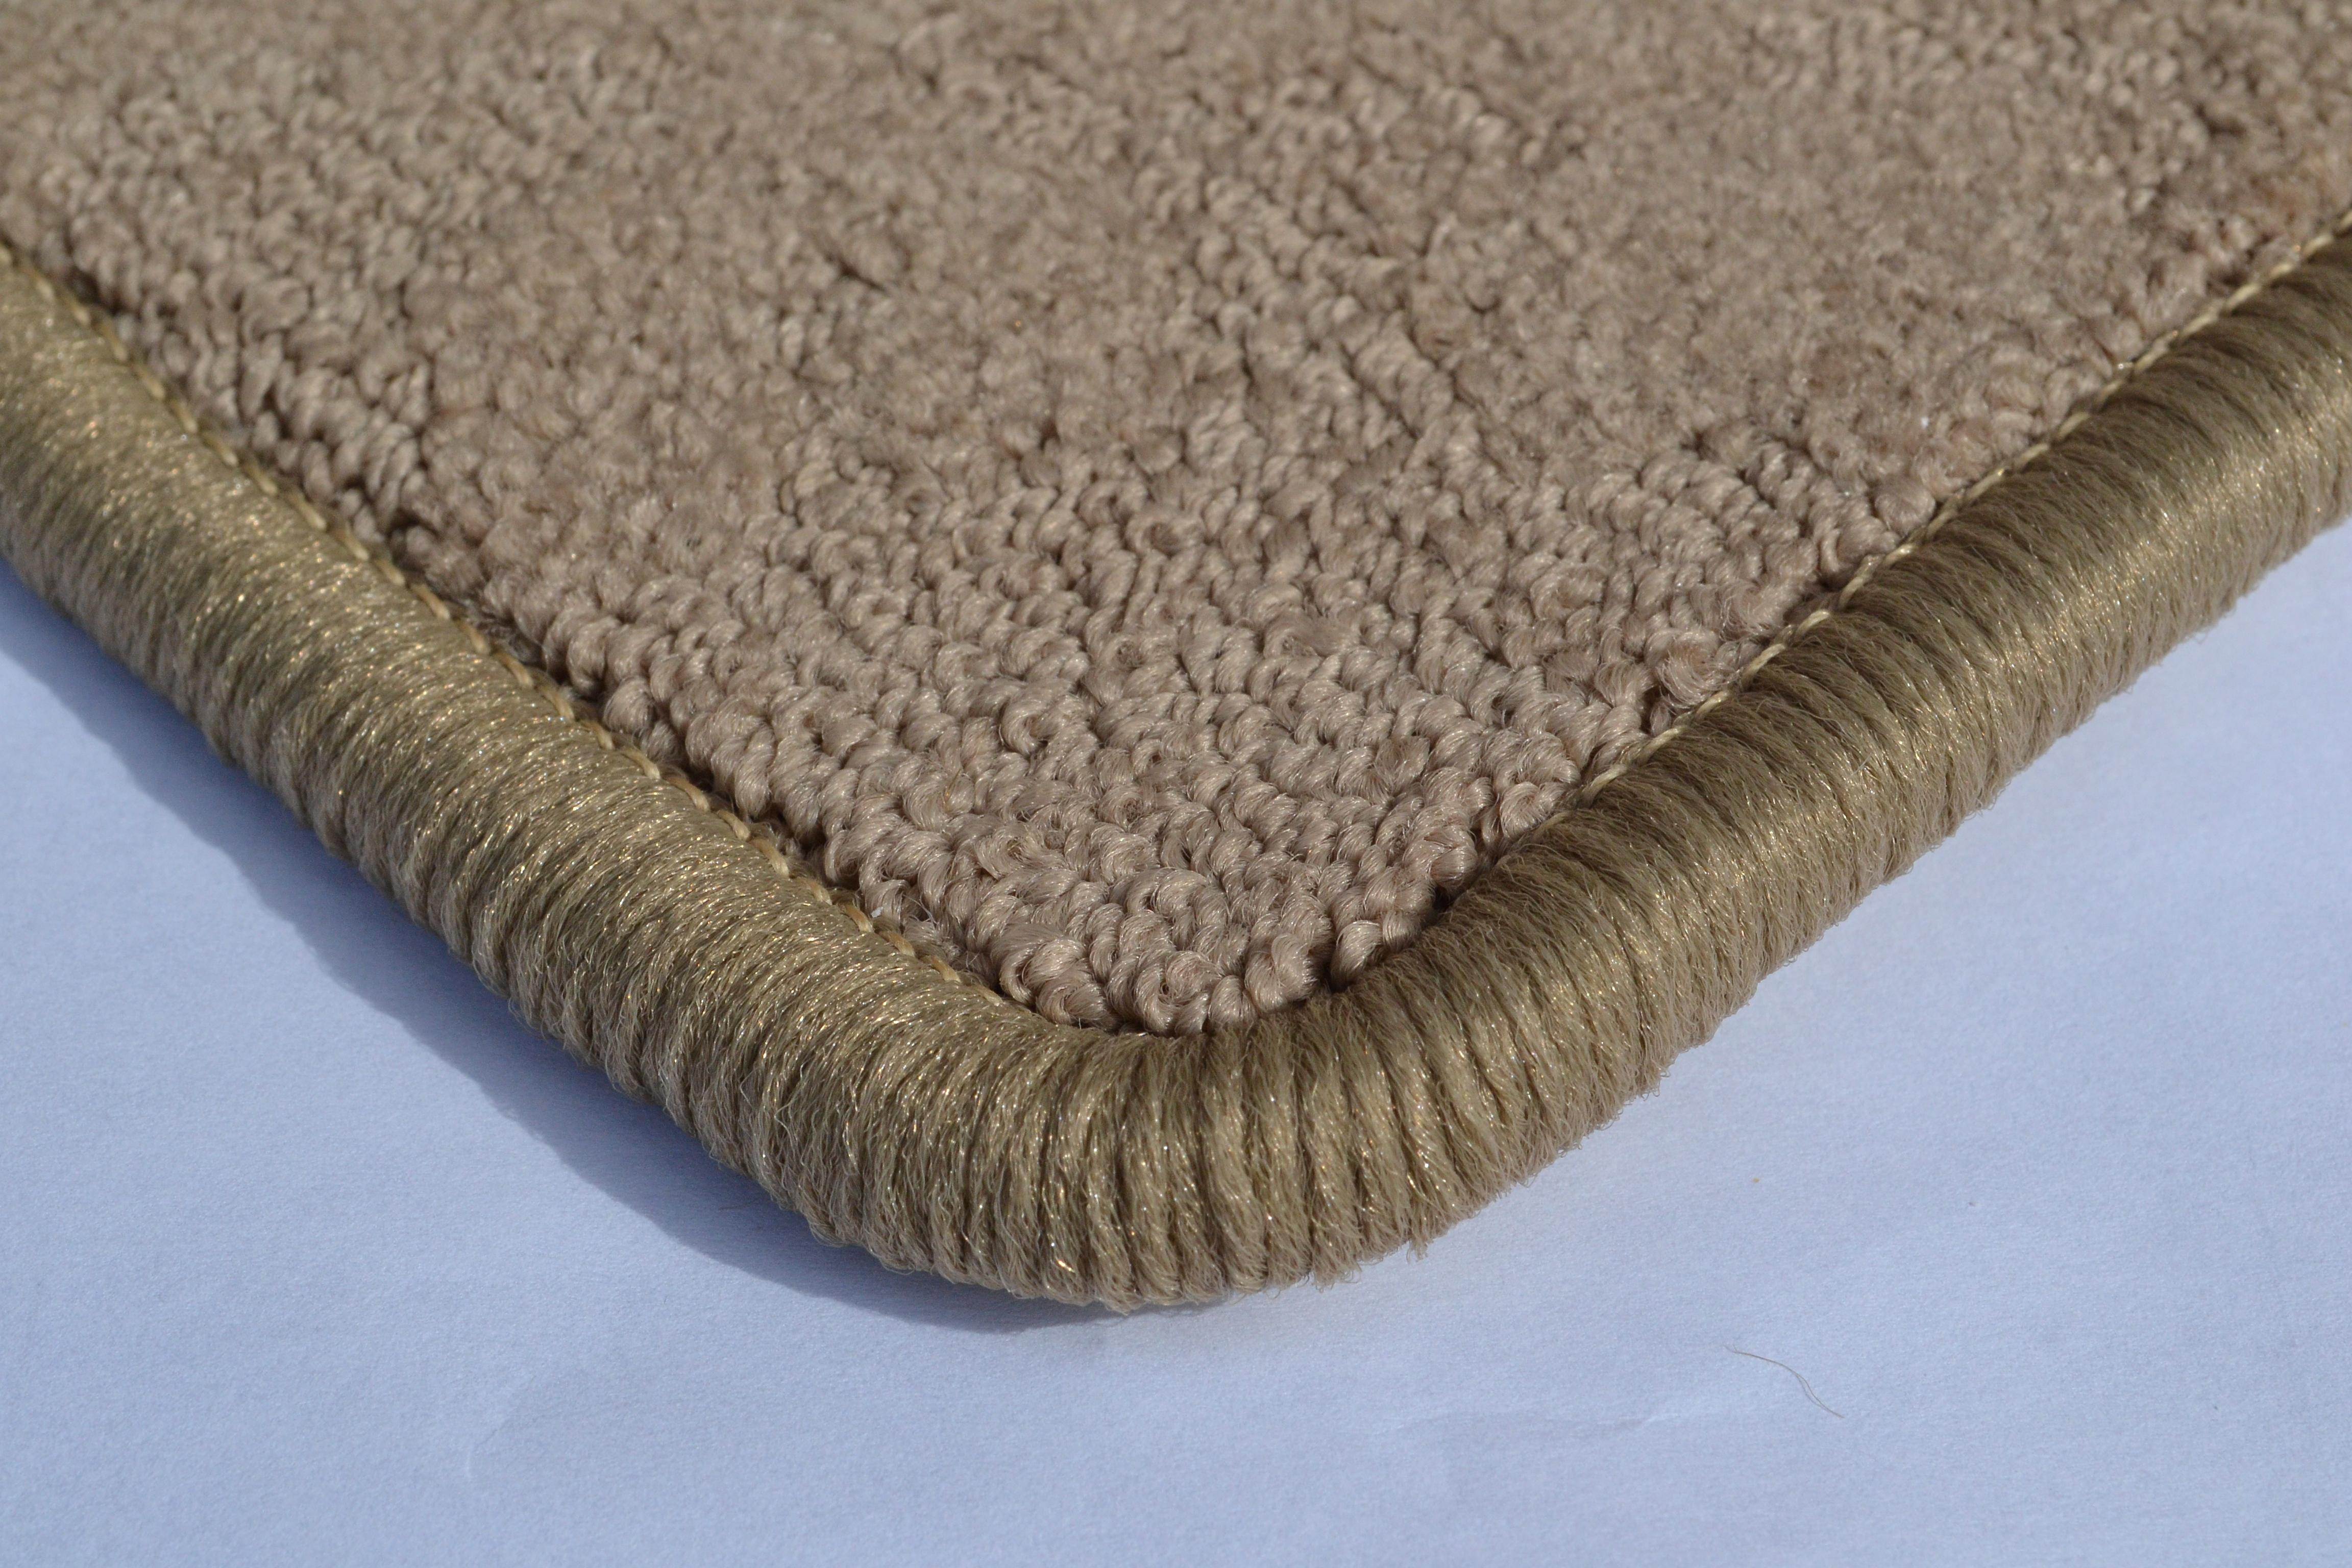 rug-serging-roselawnlutheran-carpet-edge